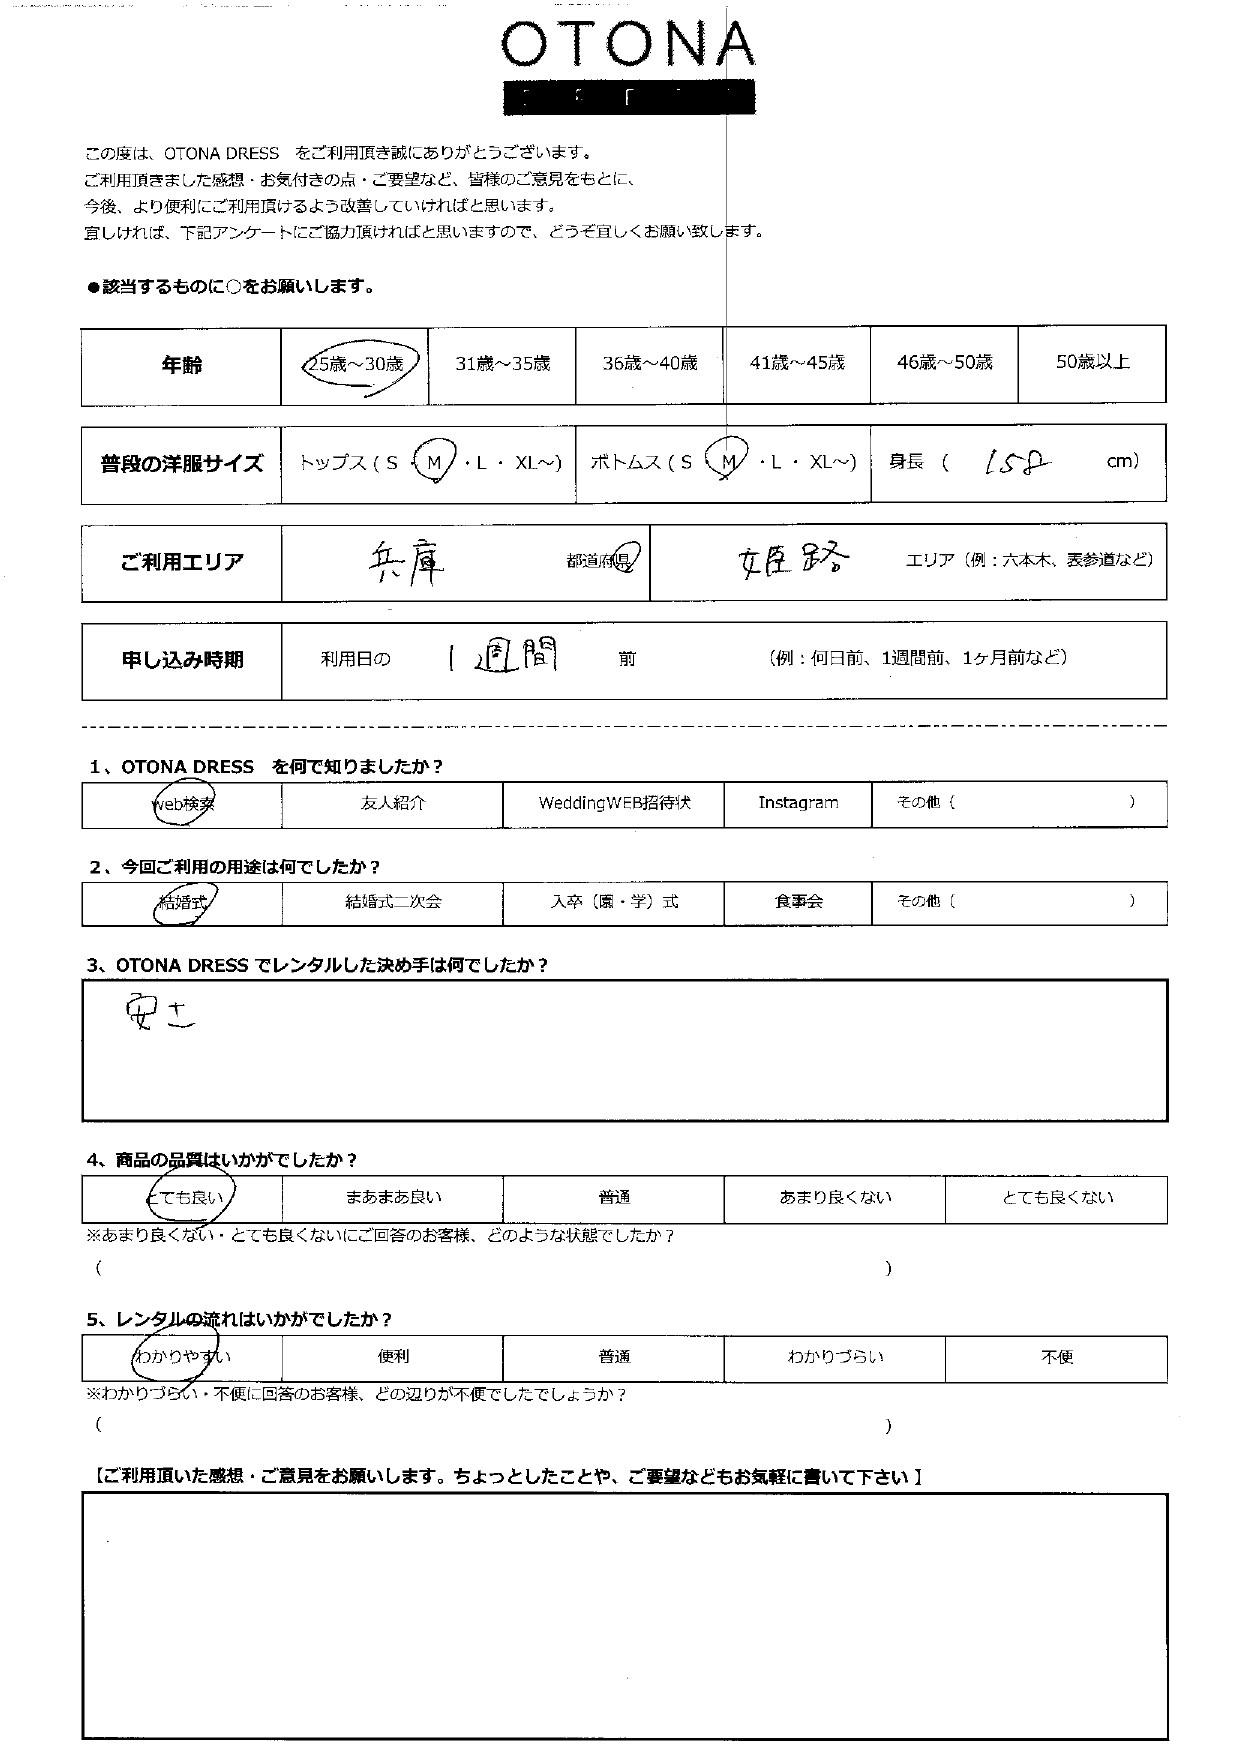 5/22結婚式ご利用 兵庫・姫路エリア